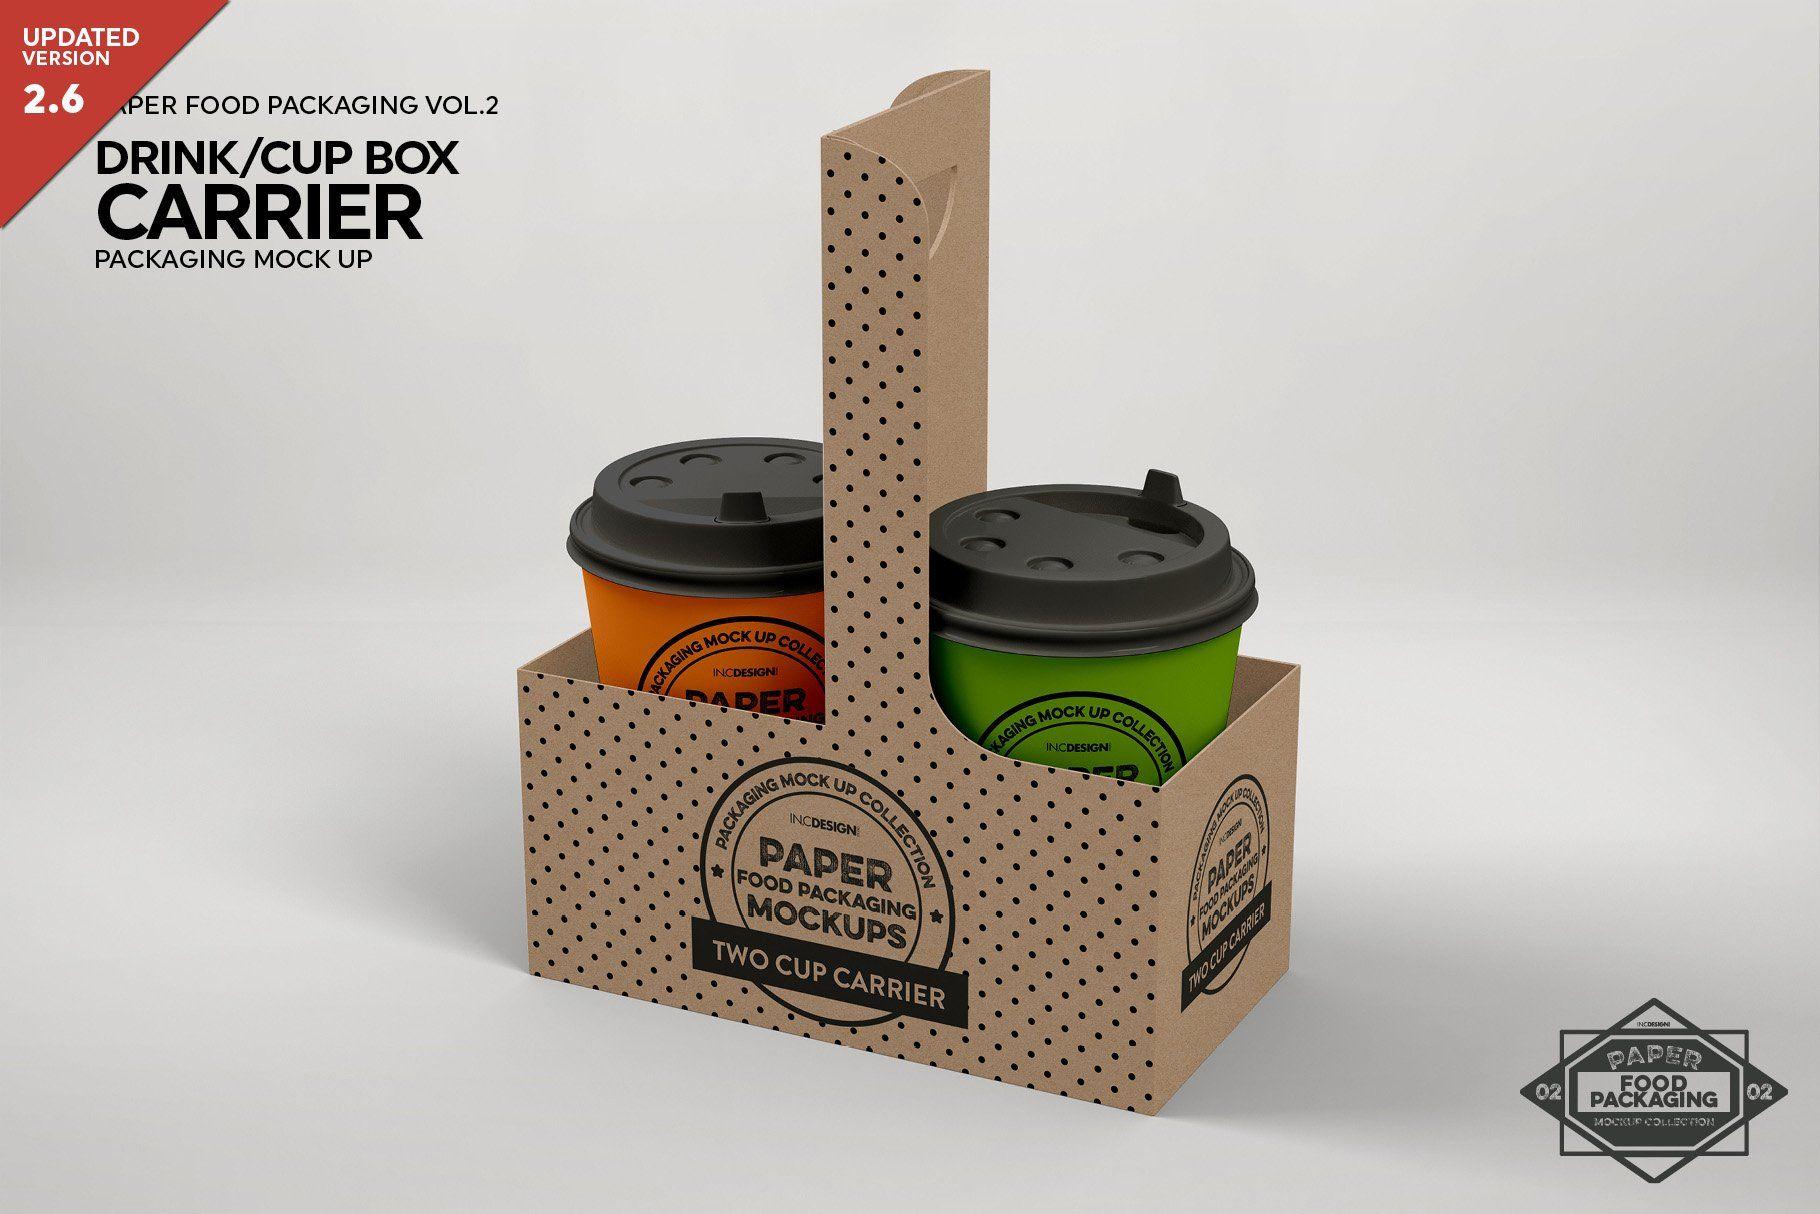 Drink Cup Carrier Packaging Mockup Packaging Mockup Design Mockup Free Free Packaging Mockup